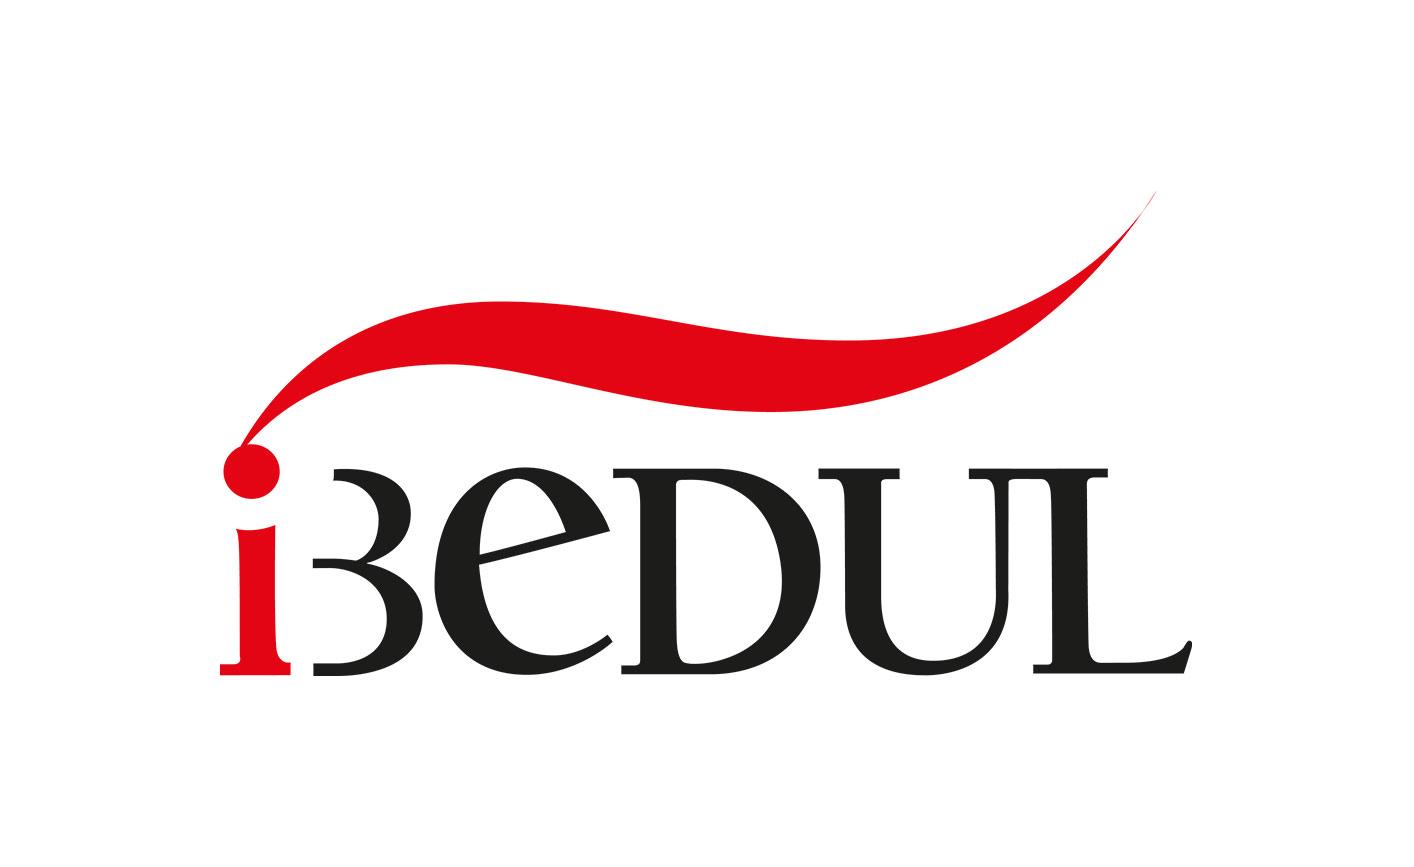 Ibedul - Dobuss